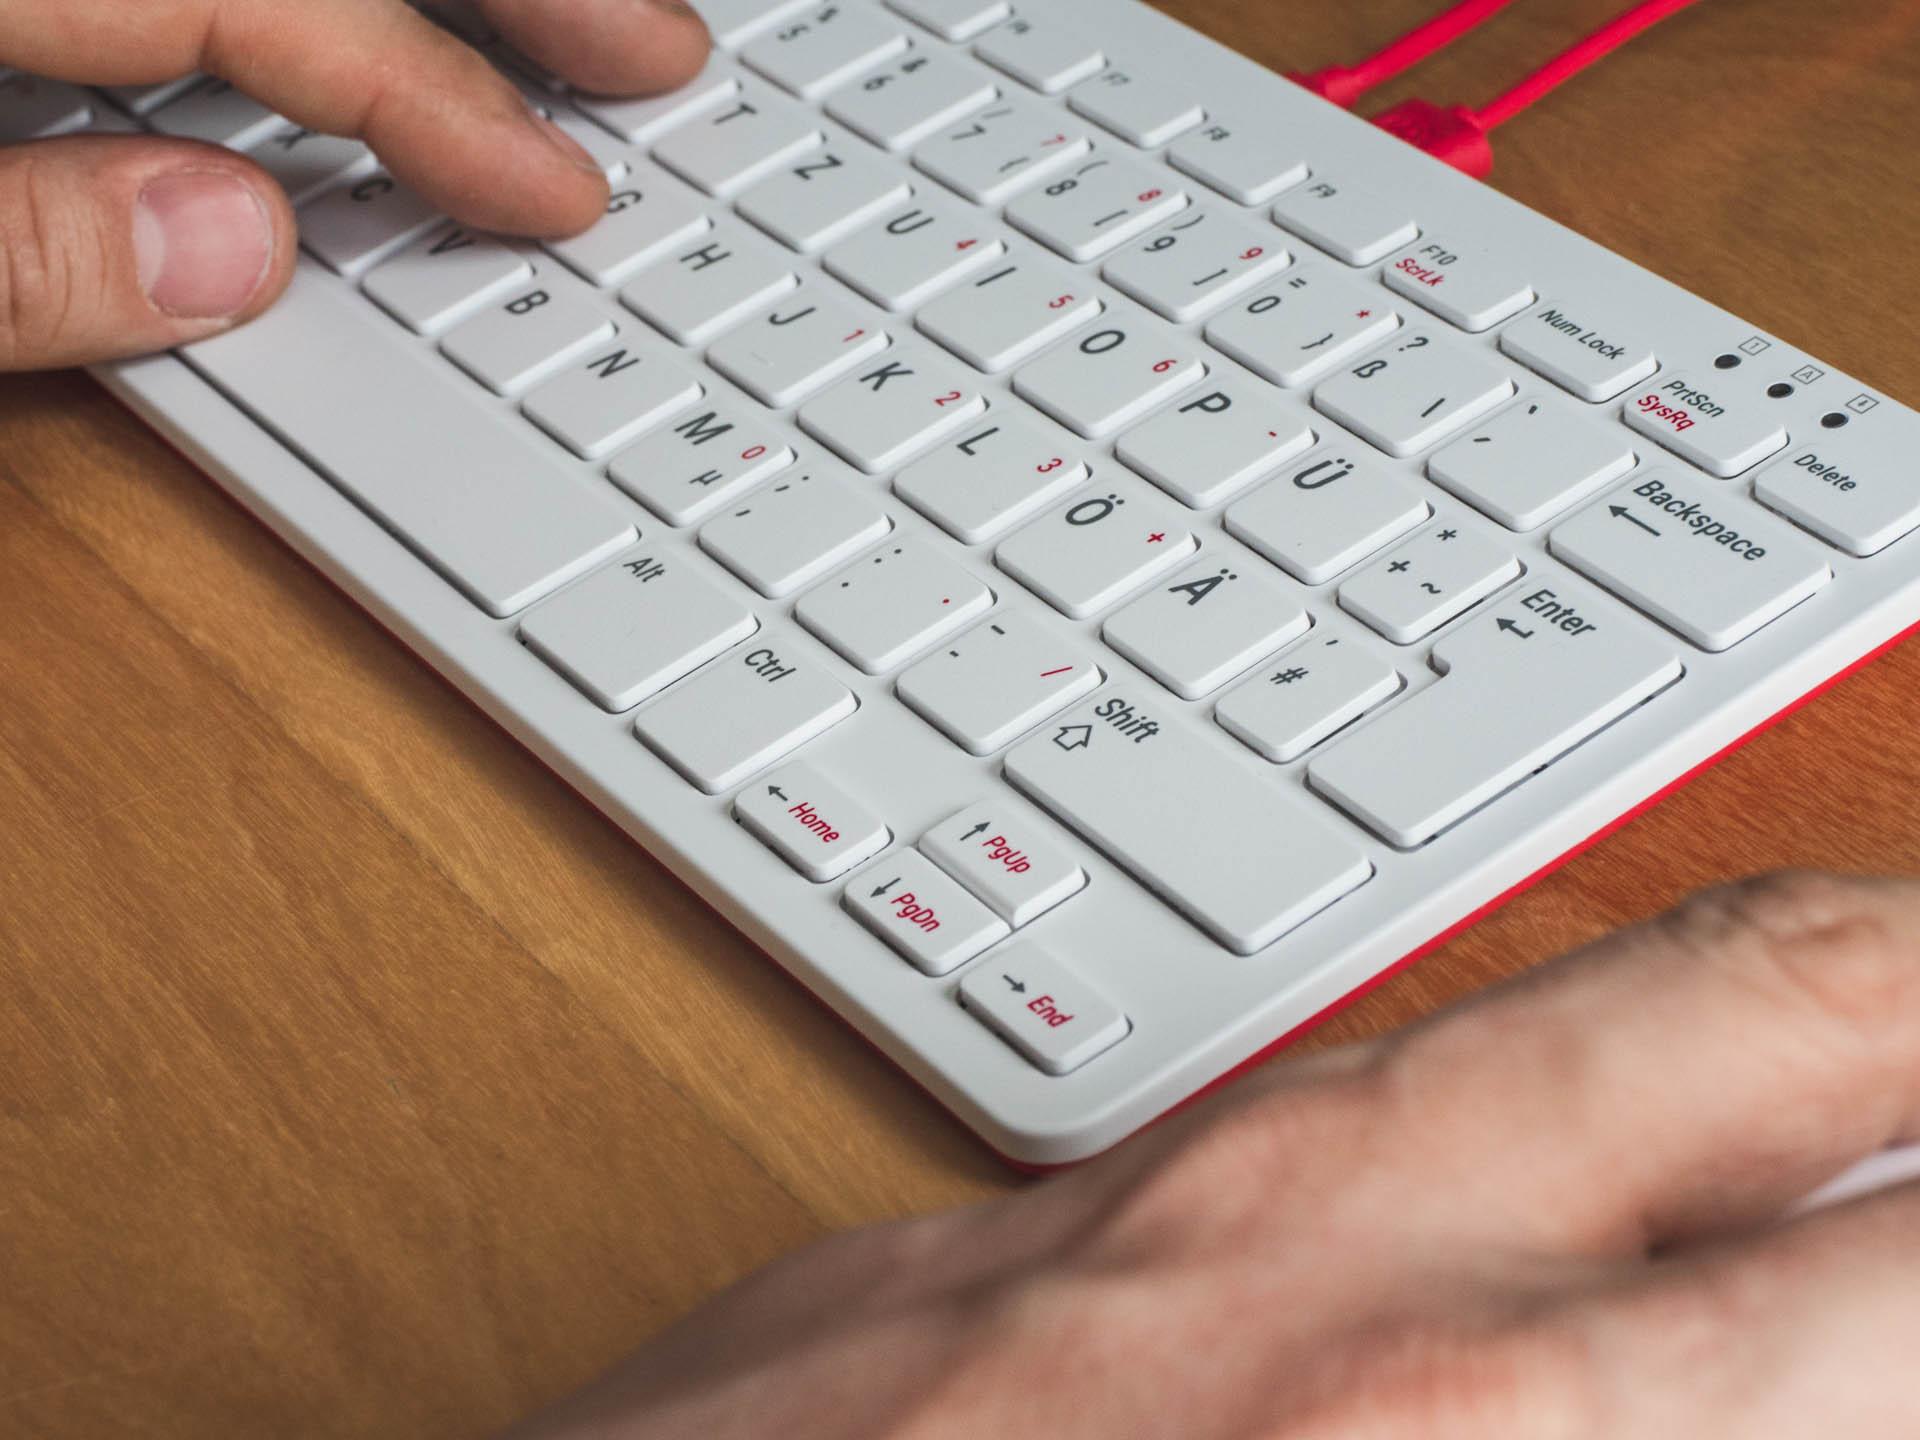 Raspi-Tastatur und -Maus im Test: Die Basteltastatur für Bastelrechner -